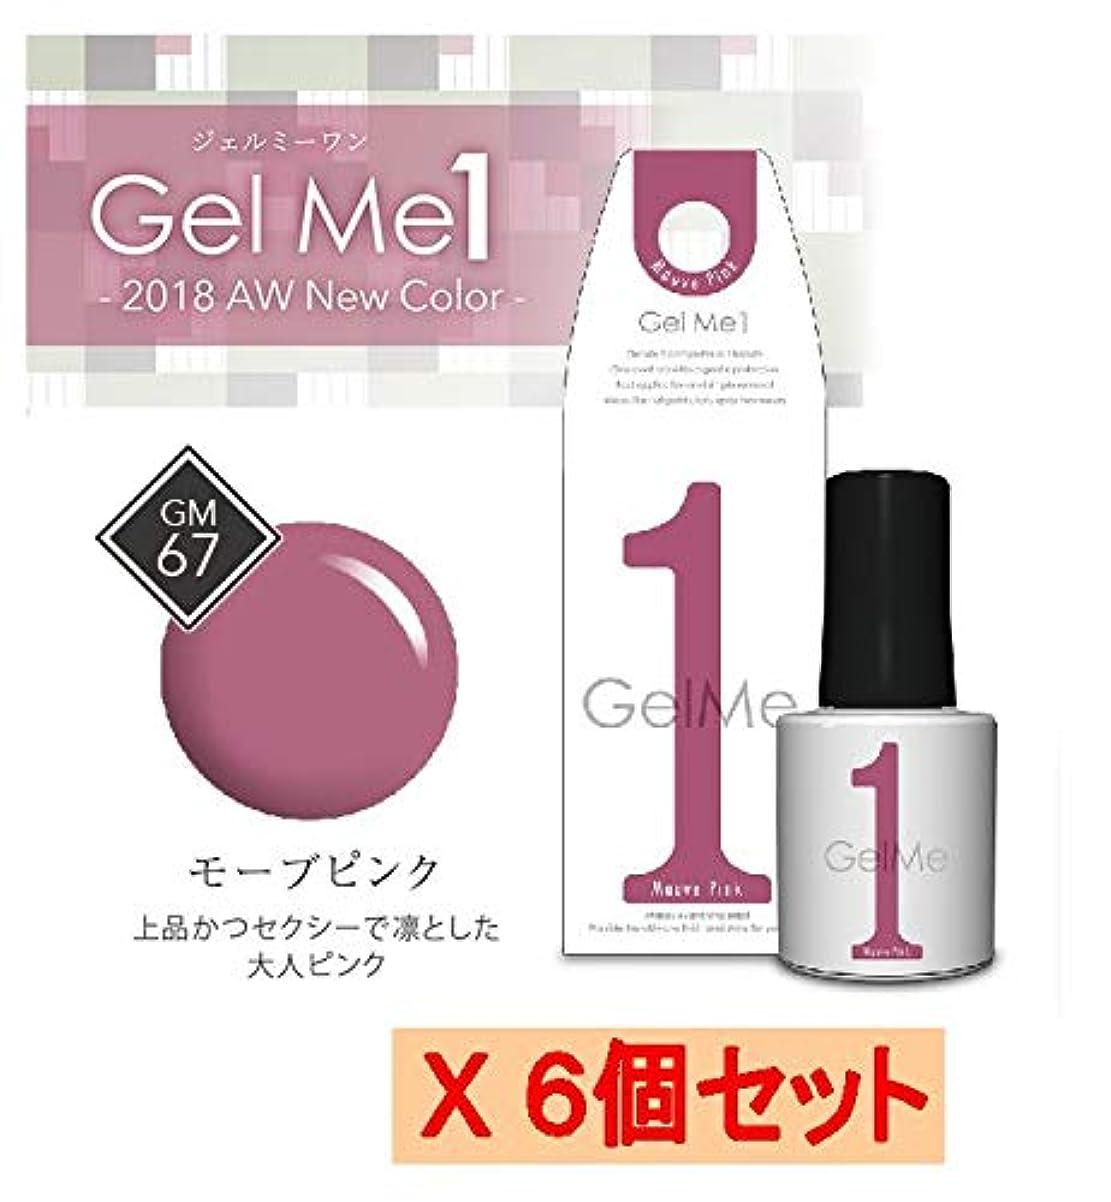 反映するコーラス絶えずジェルミーワン[GelMe1] GM-67 モーヴピンク 【セルフ ジェルネイル ジェル】 X6個セット